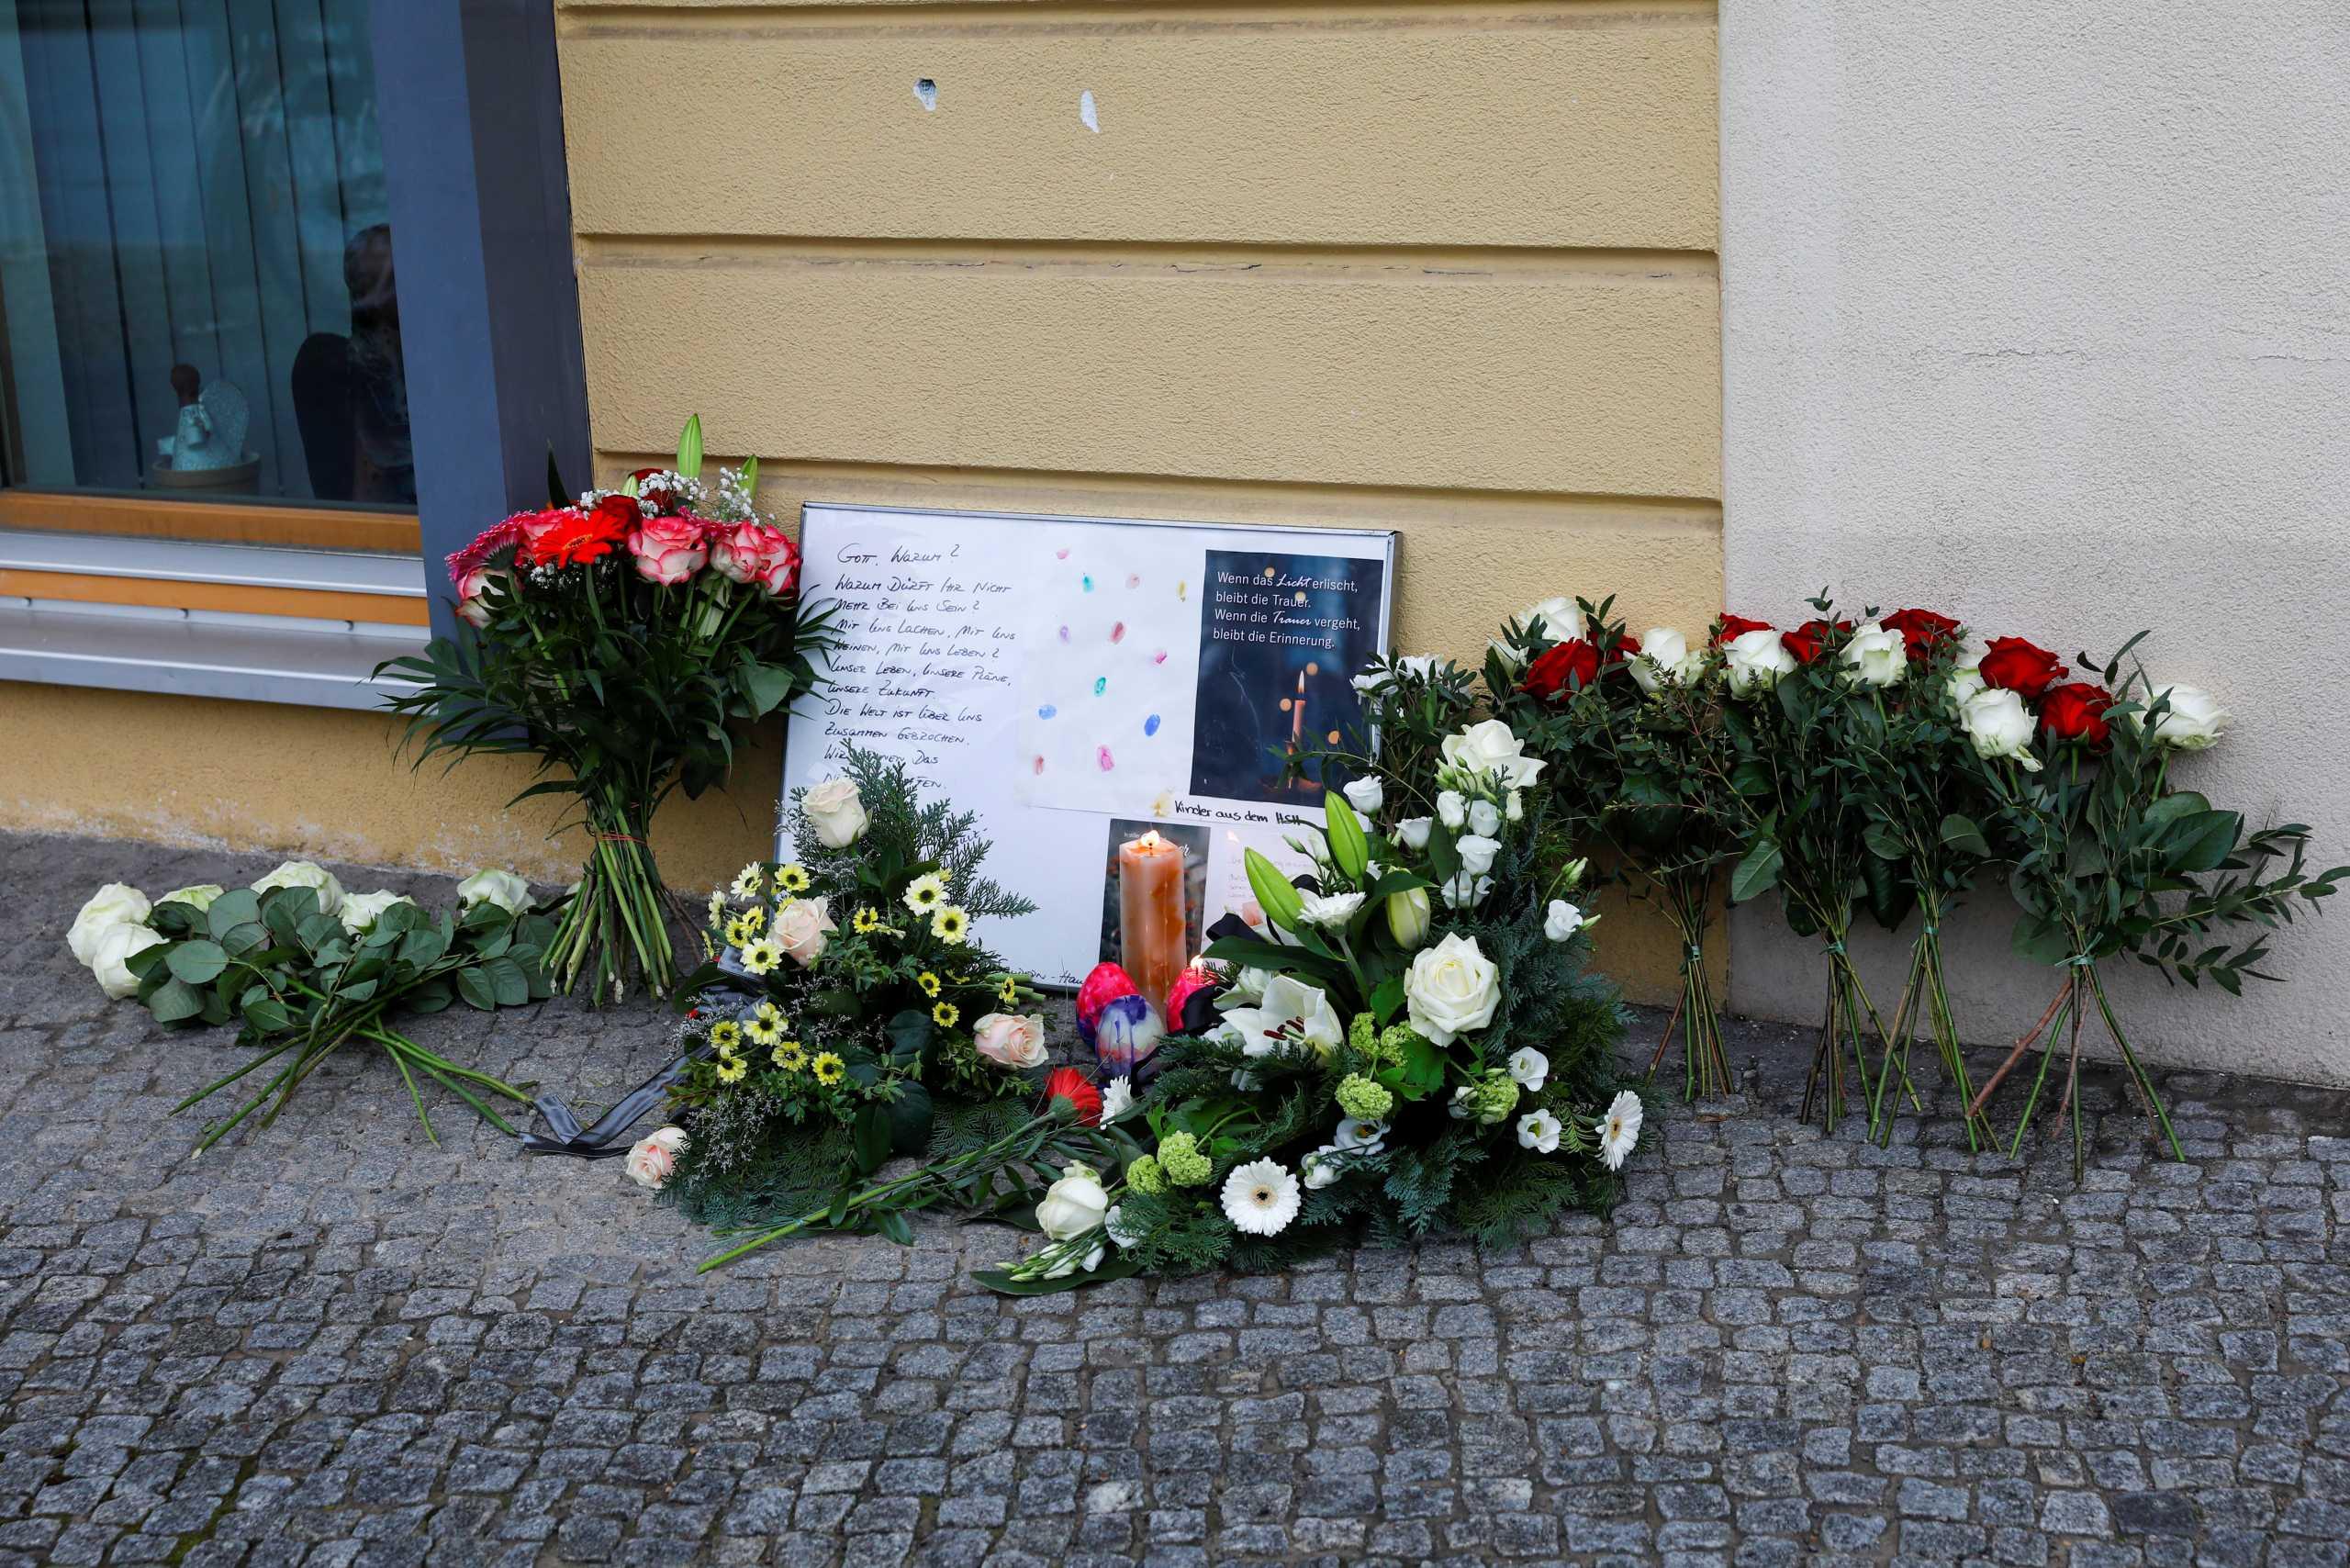 Γερμανία: Τραγικός θάνατος για τέσσερις τρόφιμους κέντρου αποκατάστασης – Ύποπτη μια υπάλληλος